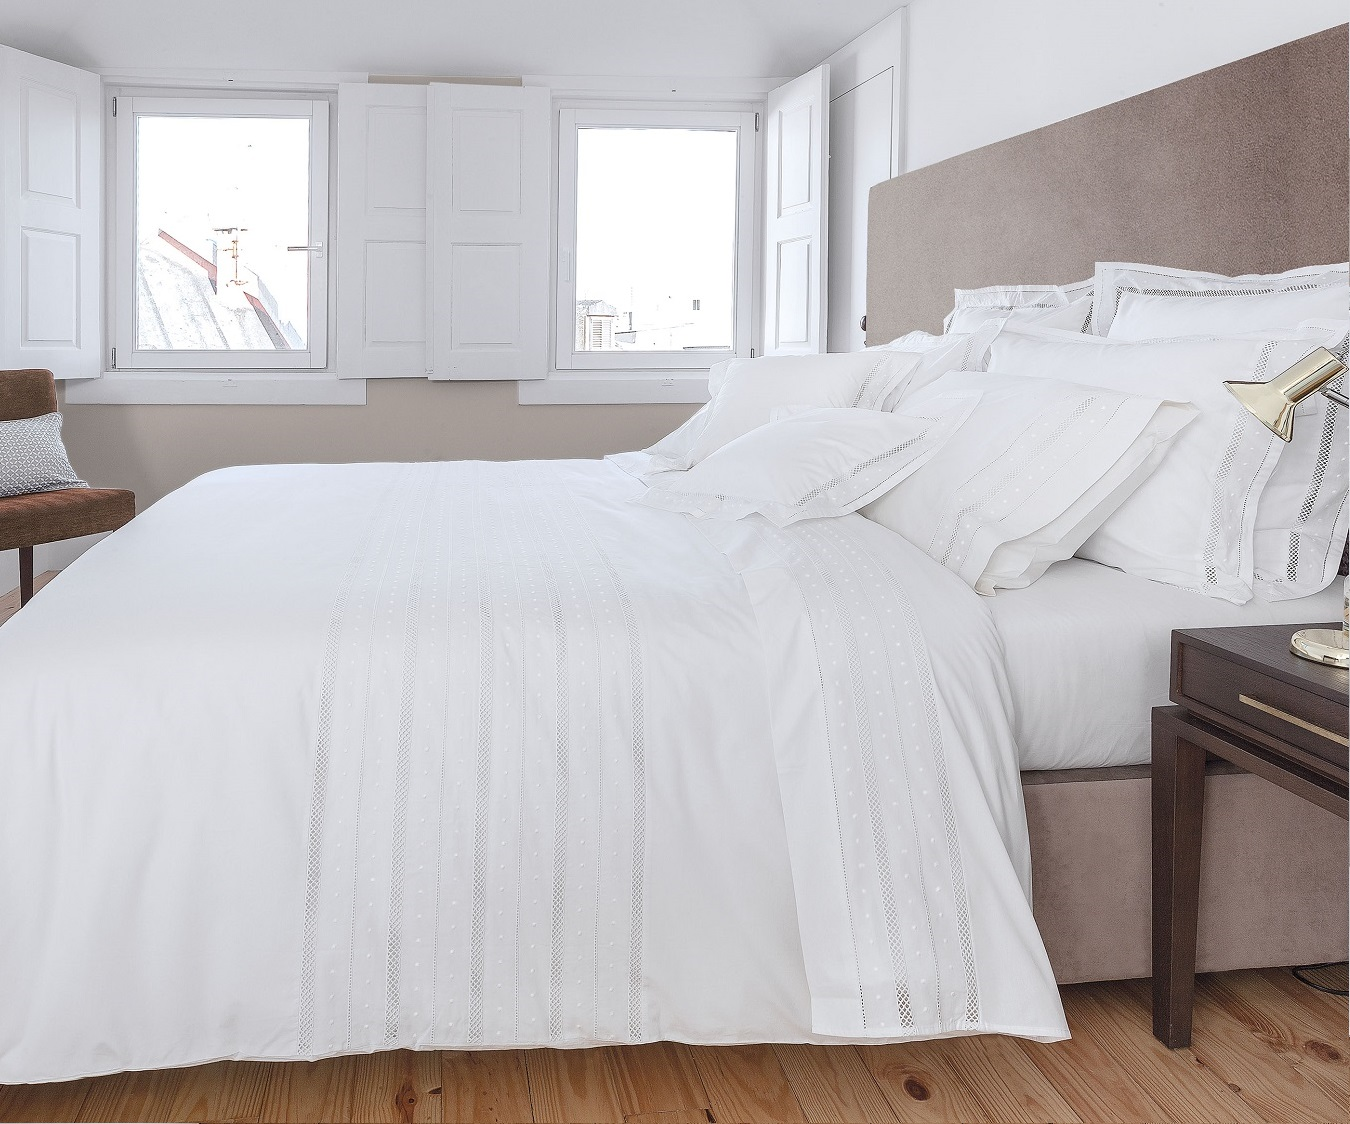 Bed Linen Portuguese Lace Duvet Set From Domus Home